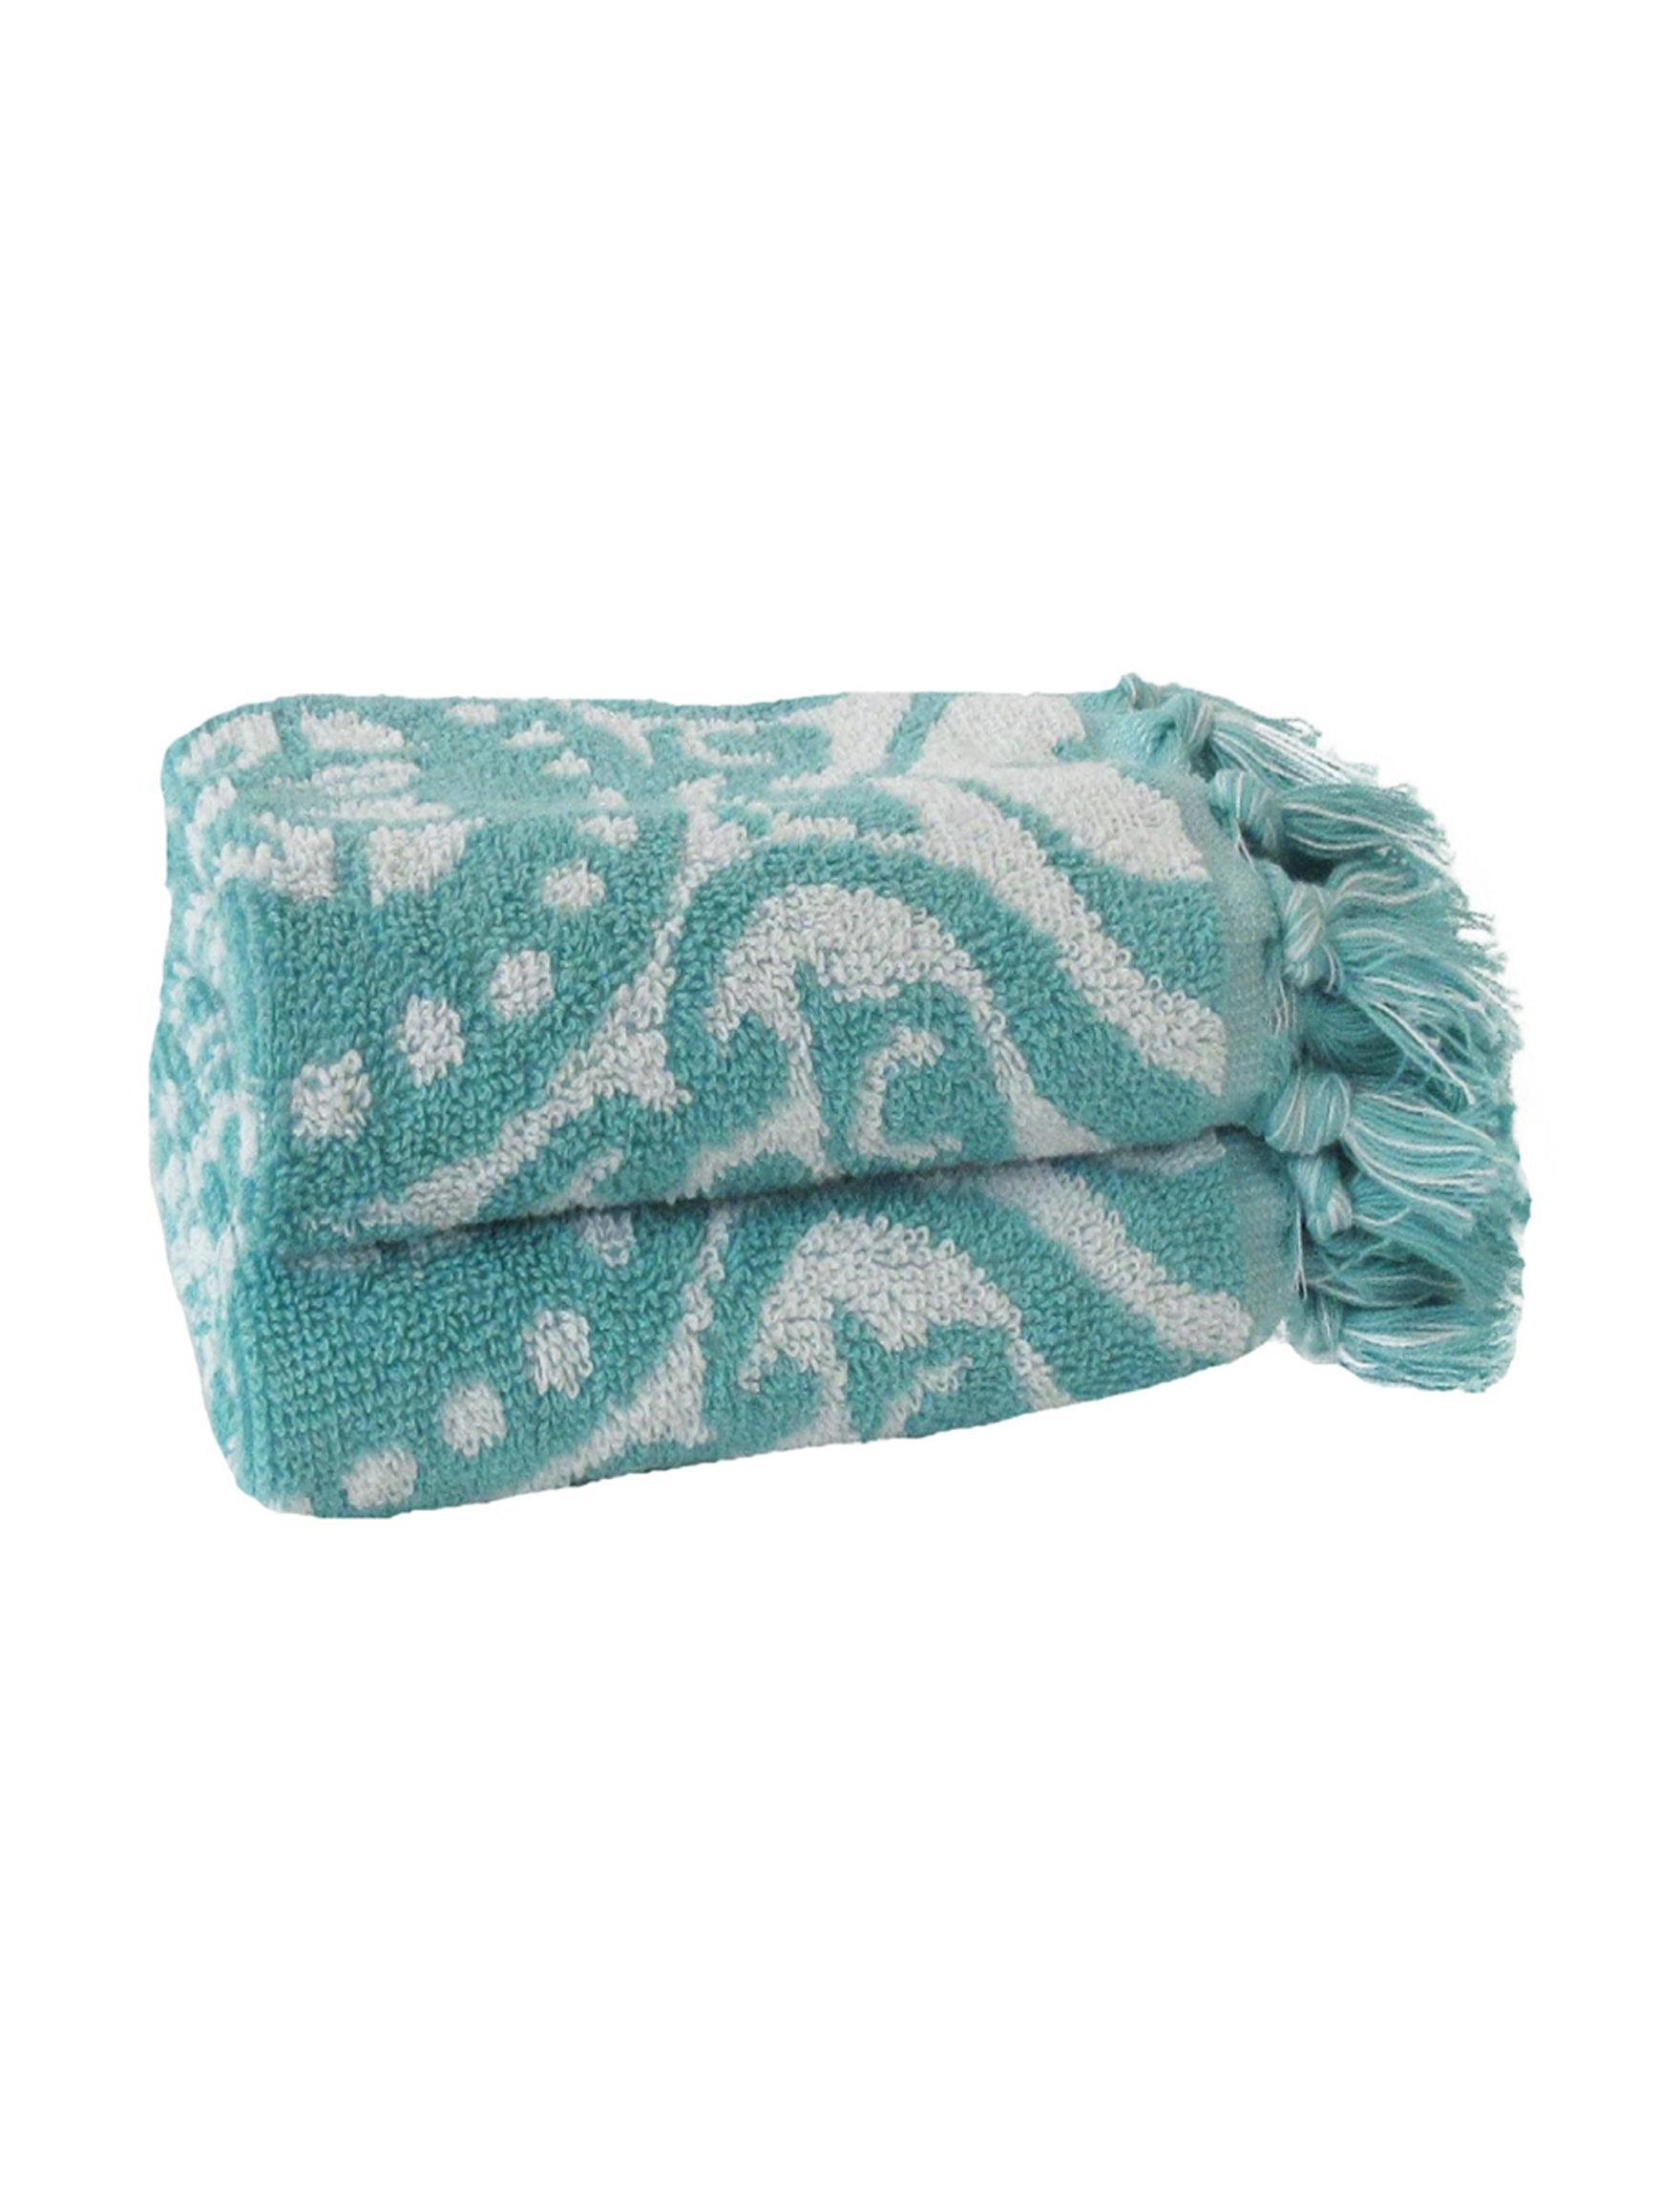 Jessica Simpson Aqua Bath Towels